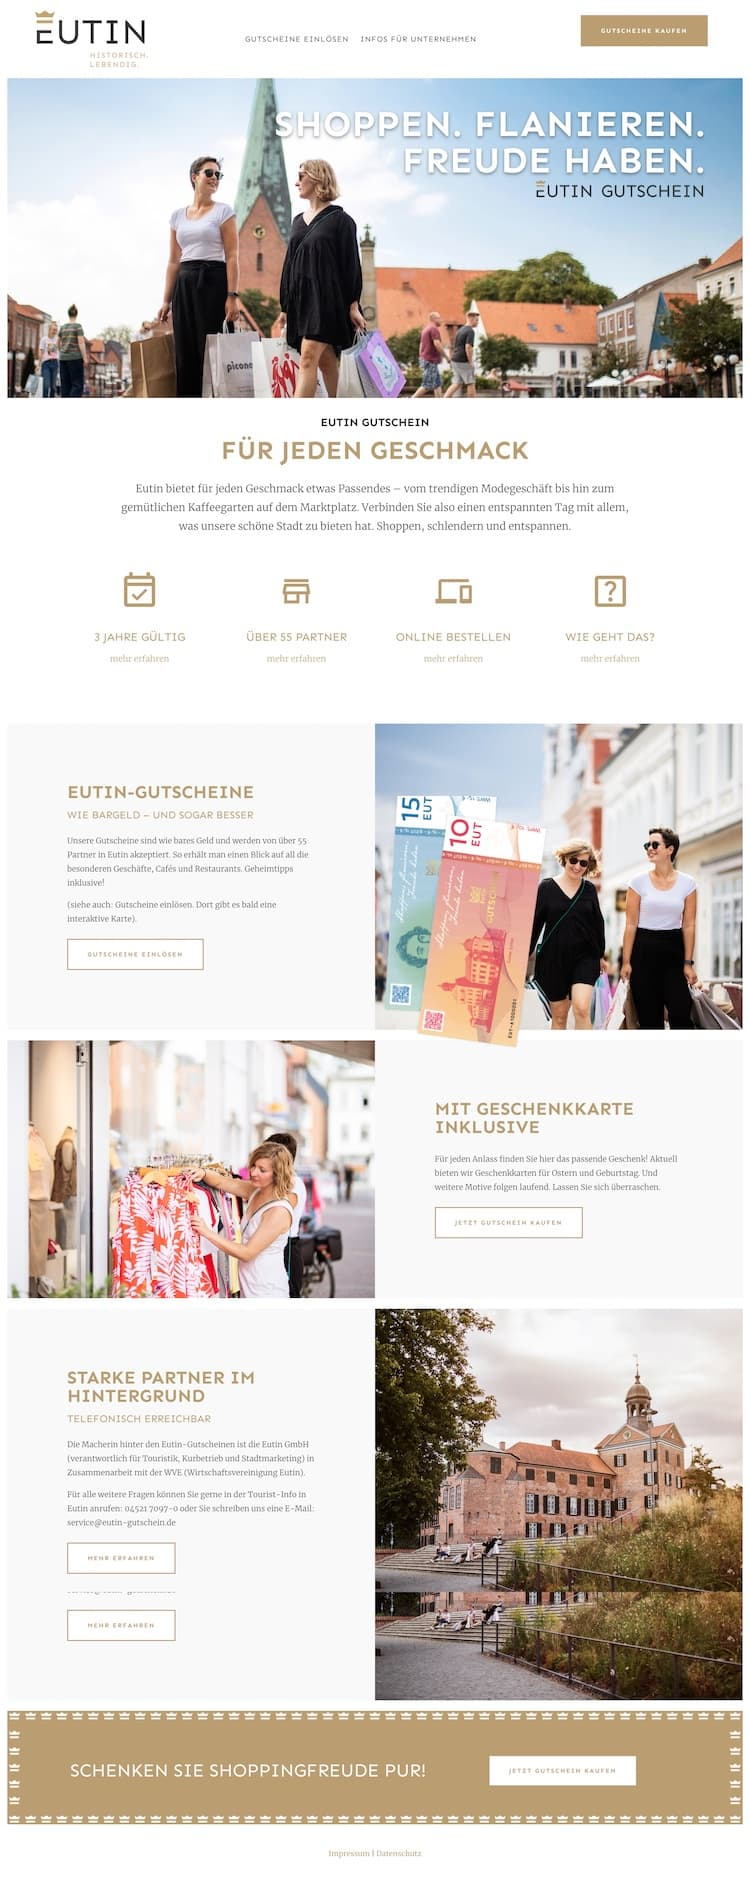 Webdesign für Eutin GmbH